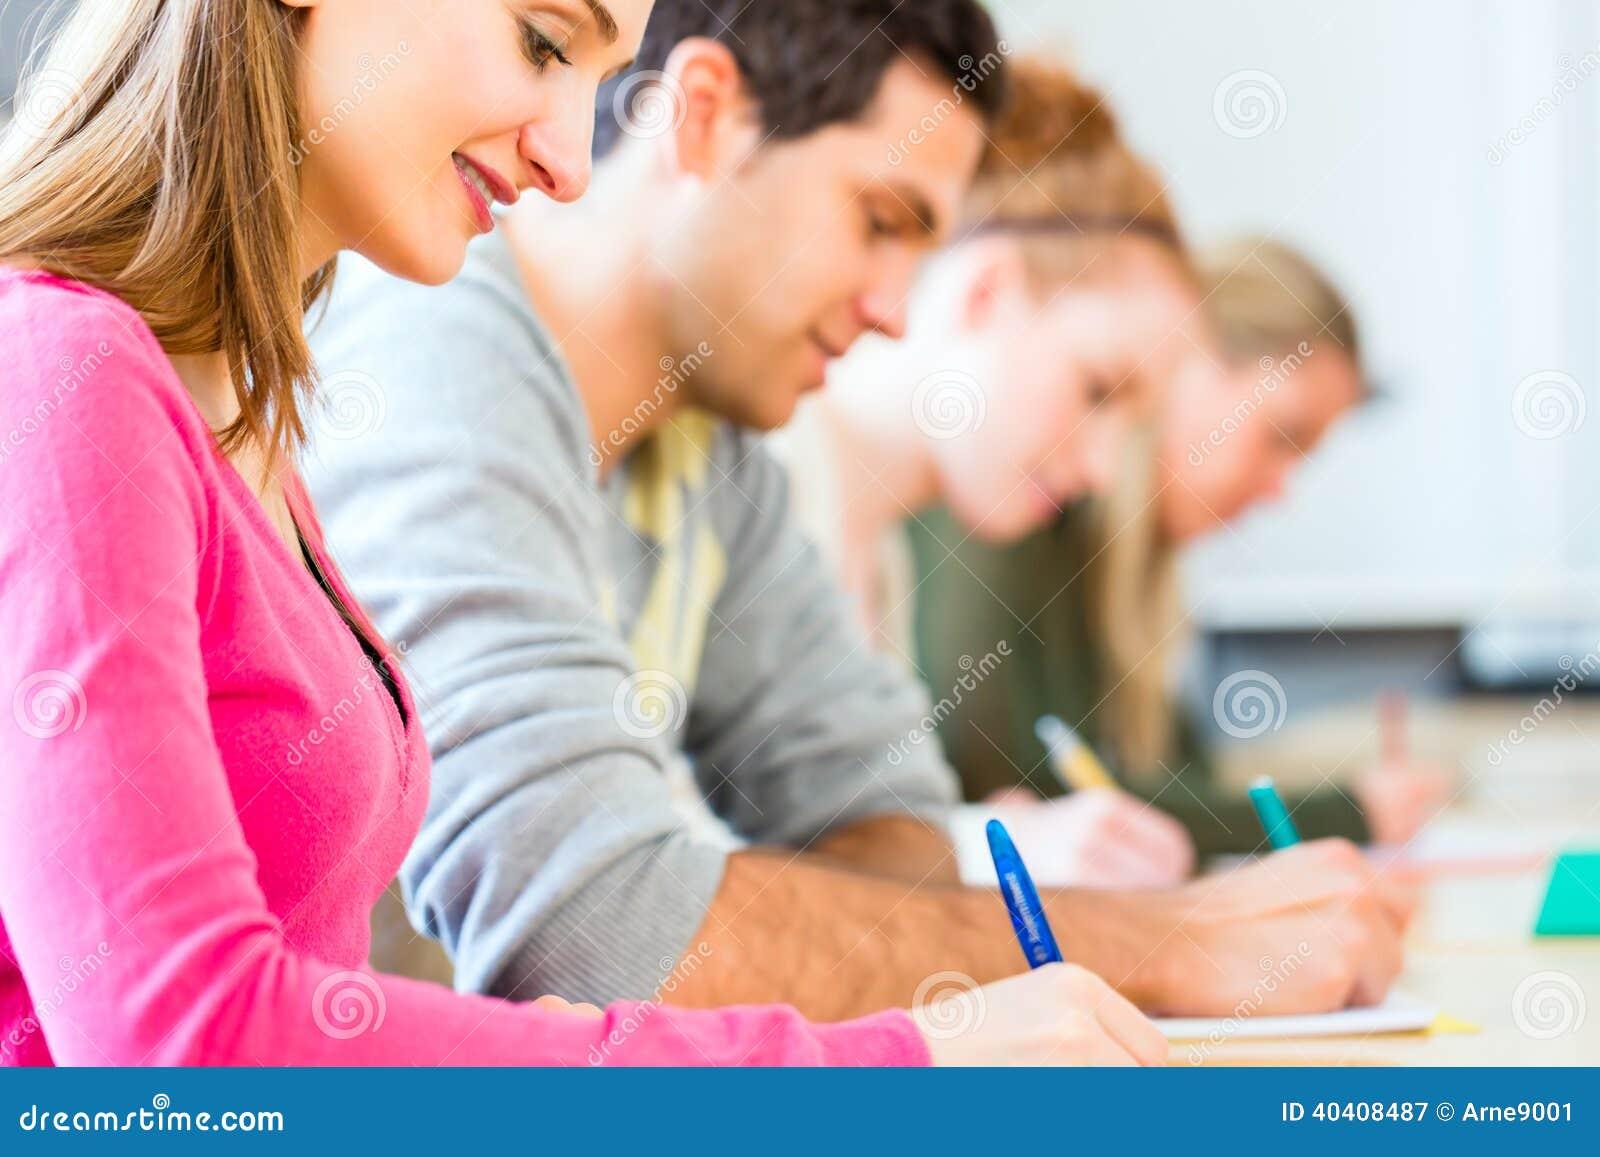 Fein Student Setzt Für Stipendien Fort Ideen - Beispiel ...